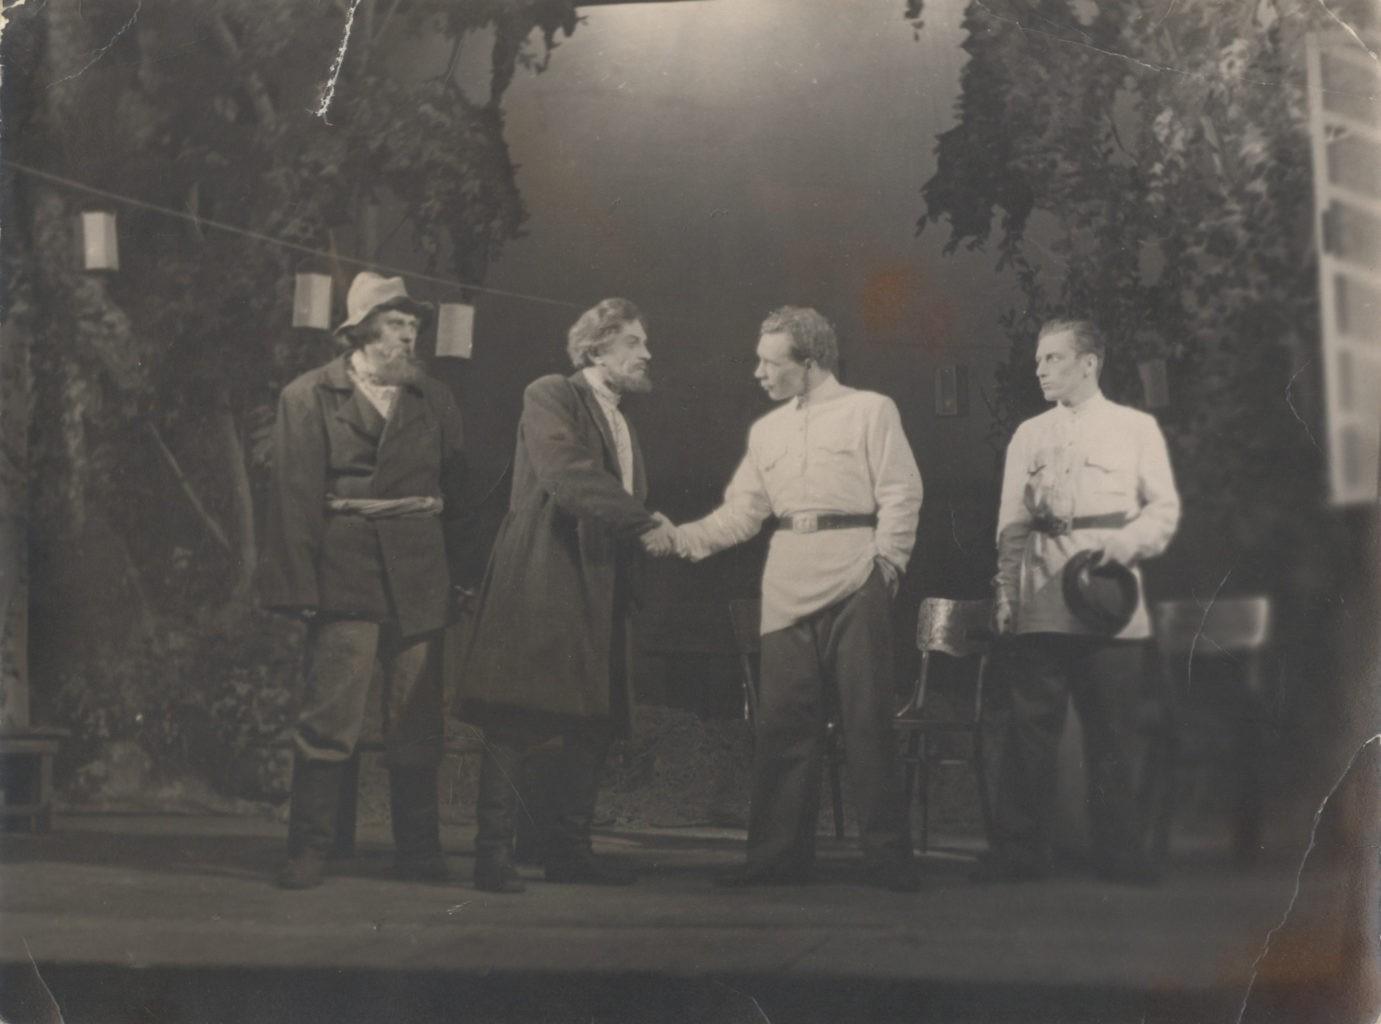 П. Князев, Морозов, Попов, Арнаутов (спектакль «Семья»): фотография